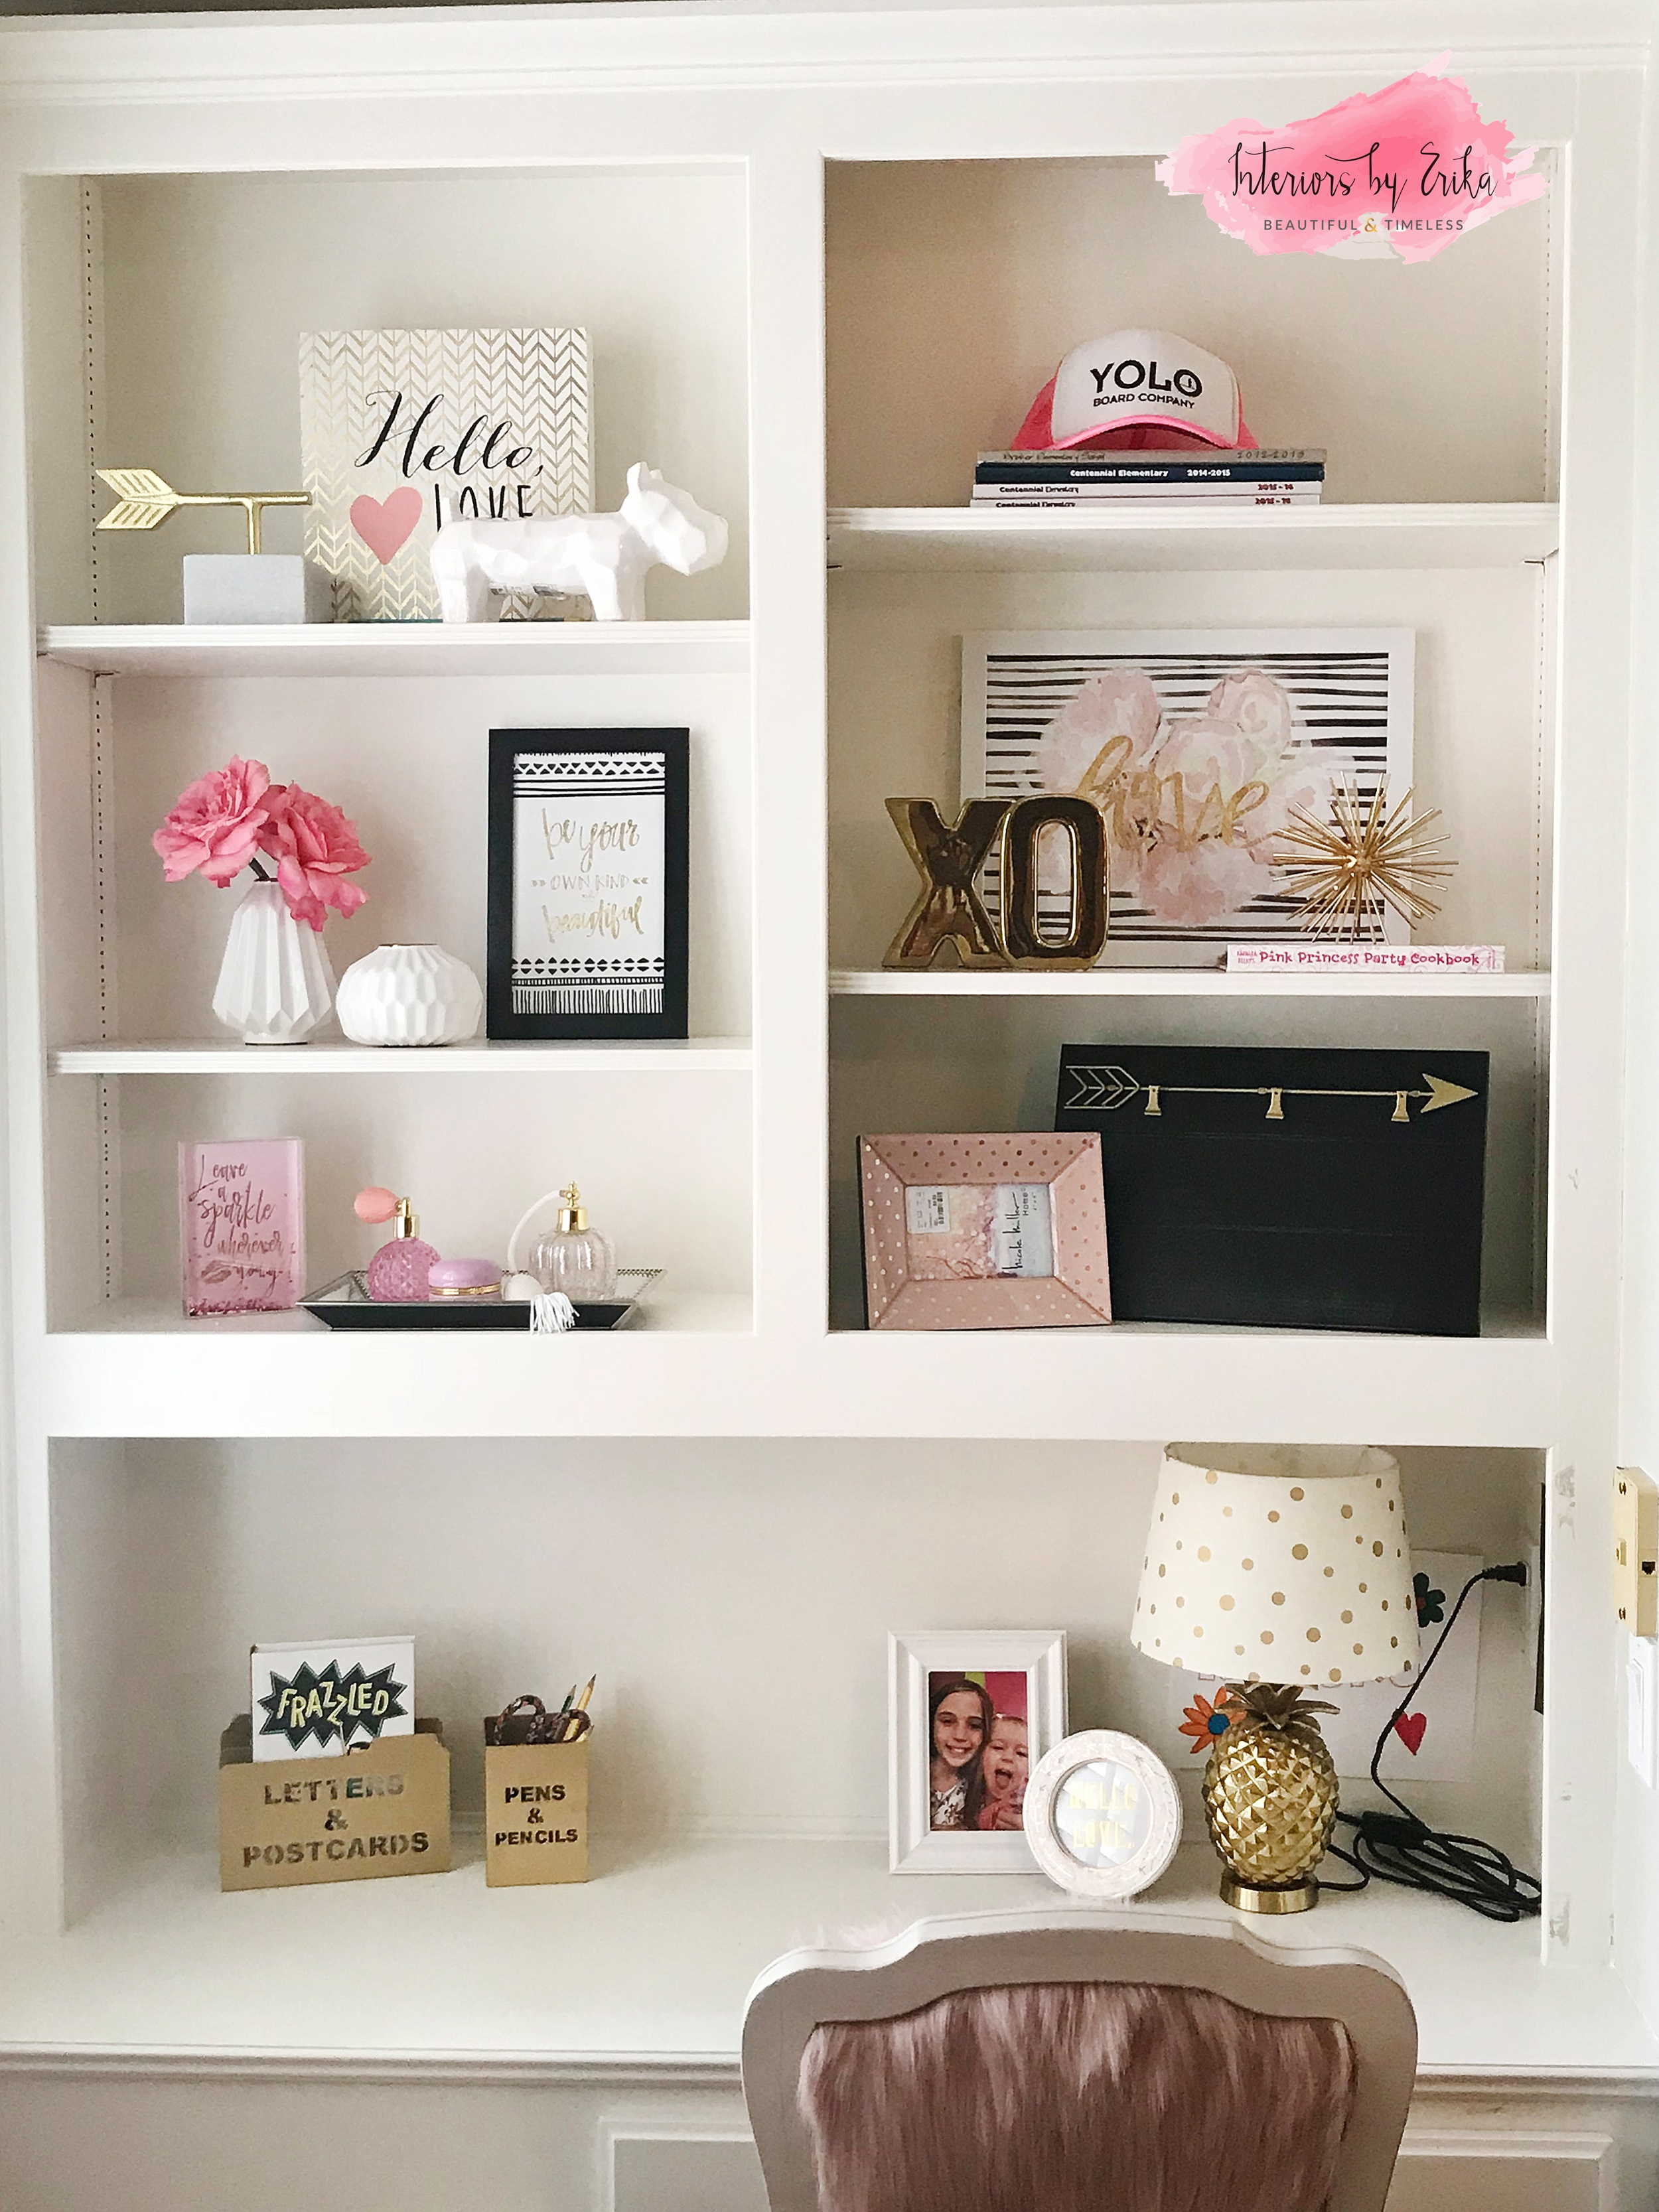 Teen Girl Room Decor_0001.jpg